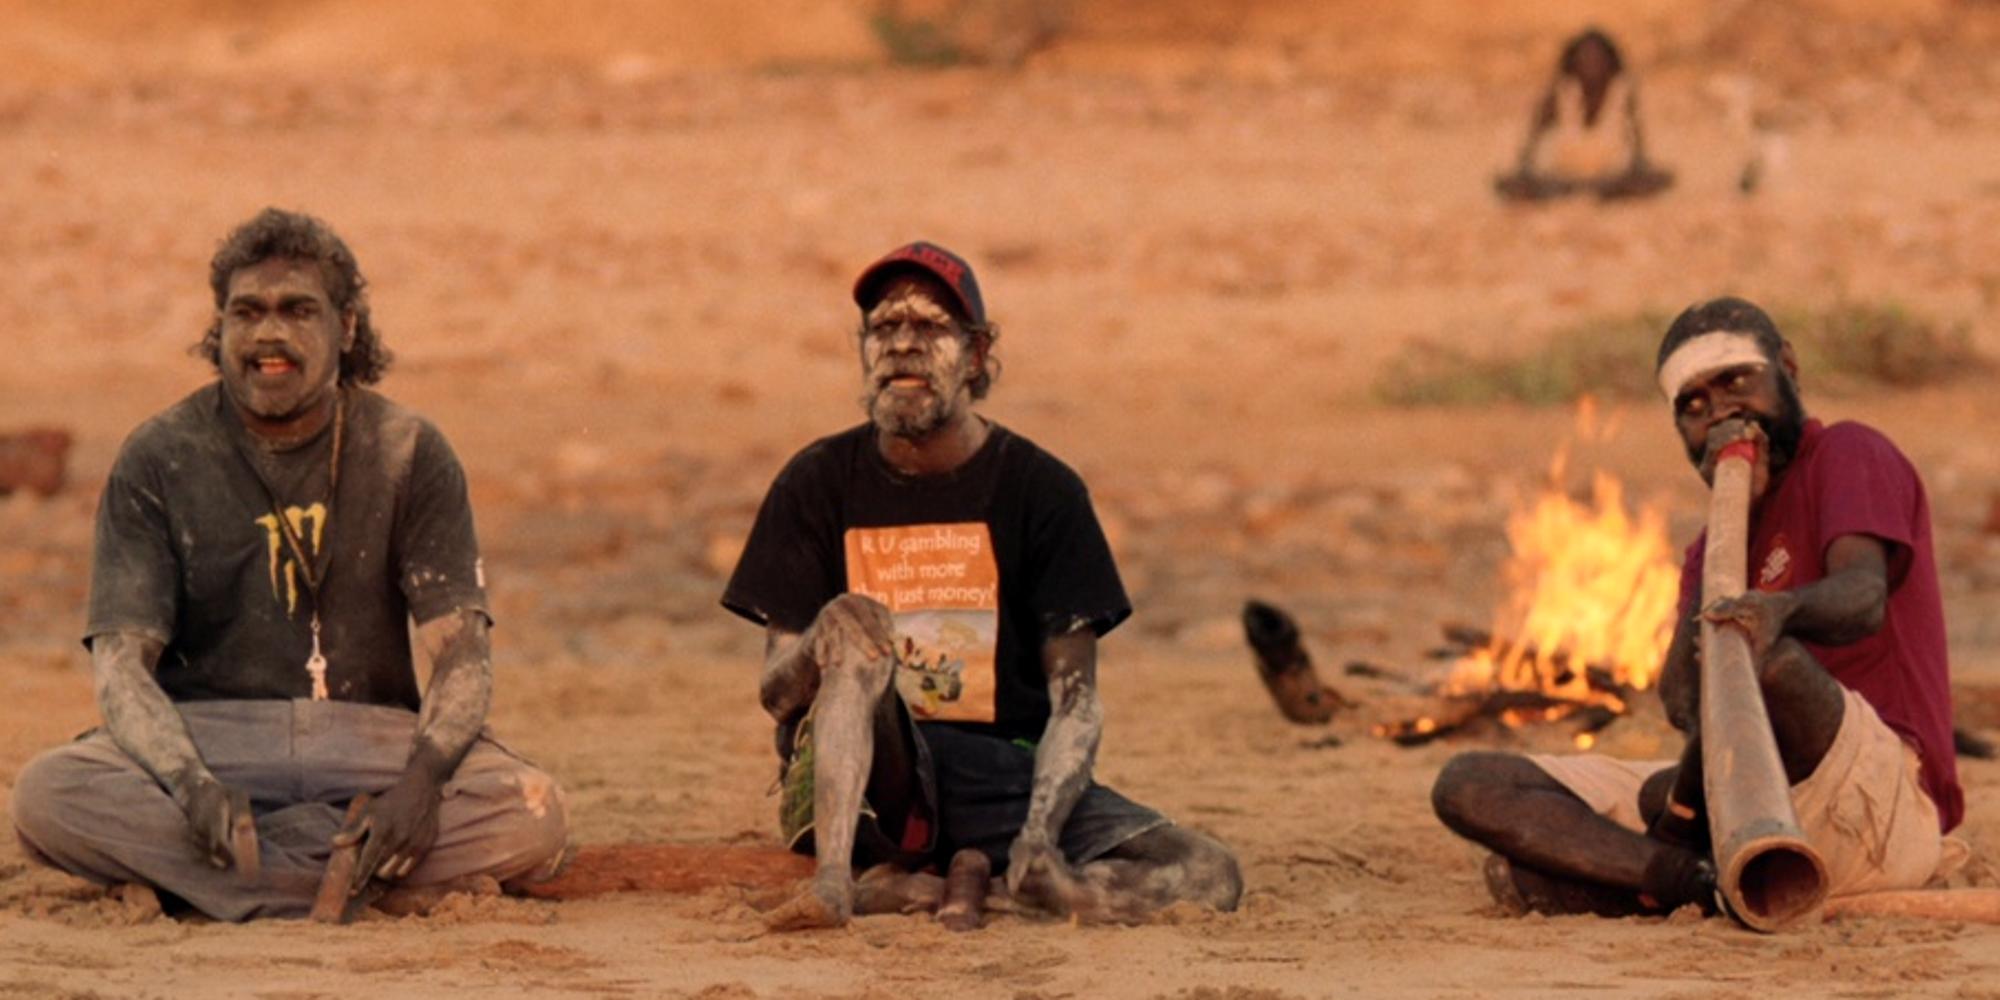 Tre aboriginske menn sitter og spiller tradisjonelle didgeridoo og slaginstrumenter foran et bål i den australske ørkenen. Foto.